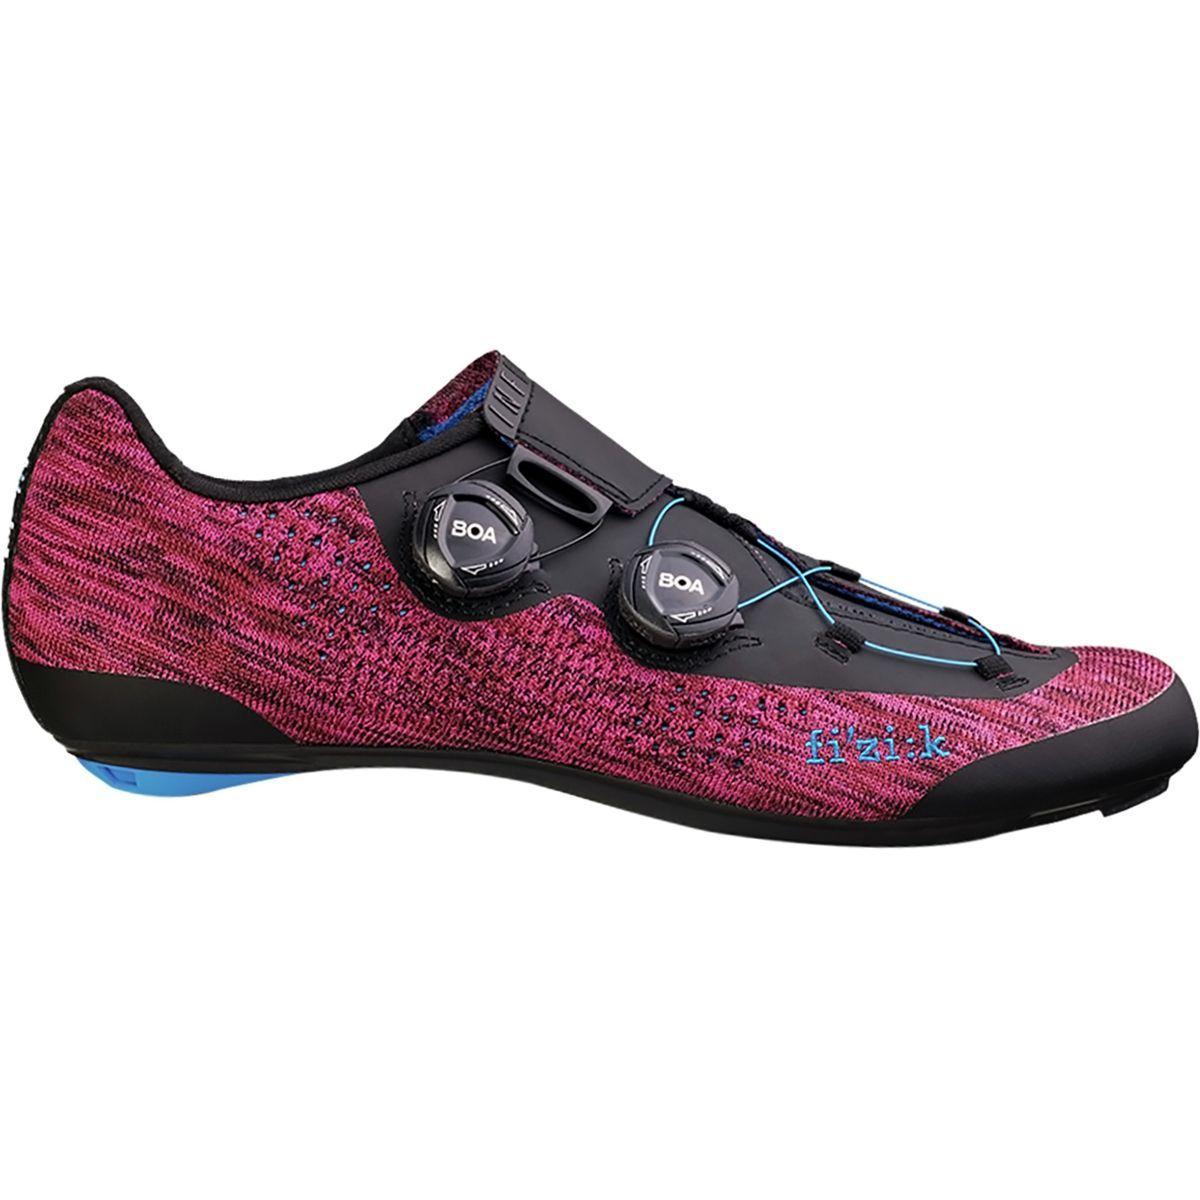 Fi Zi K R1 Infinito Knit Cycling Shoe Road Bike Shoes Road Cycling Shoes Mountain Bike Shoes